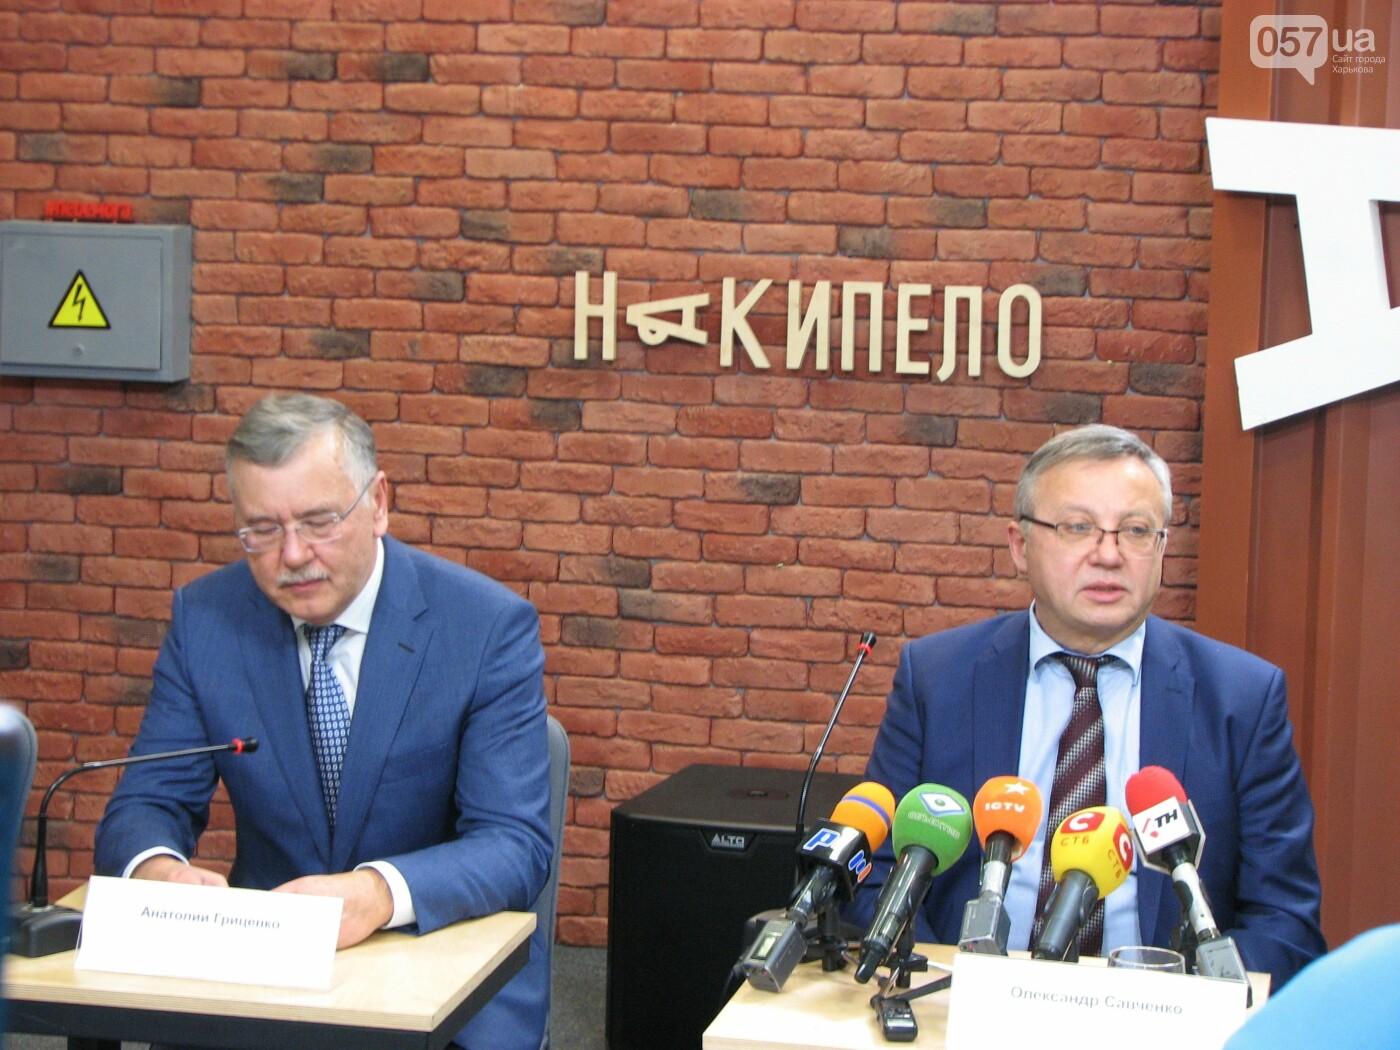 Анатолий Гриценко представил в Харькове потенциального главу  Нацбанка, фото-2